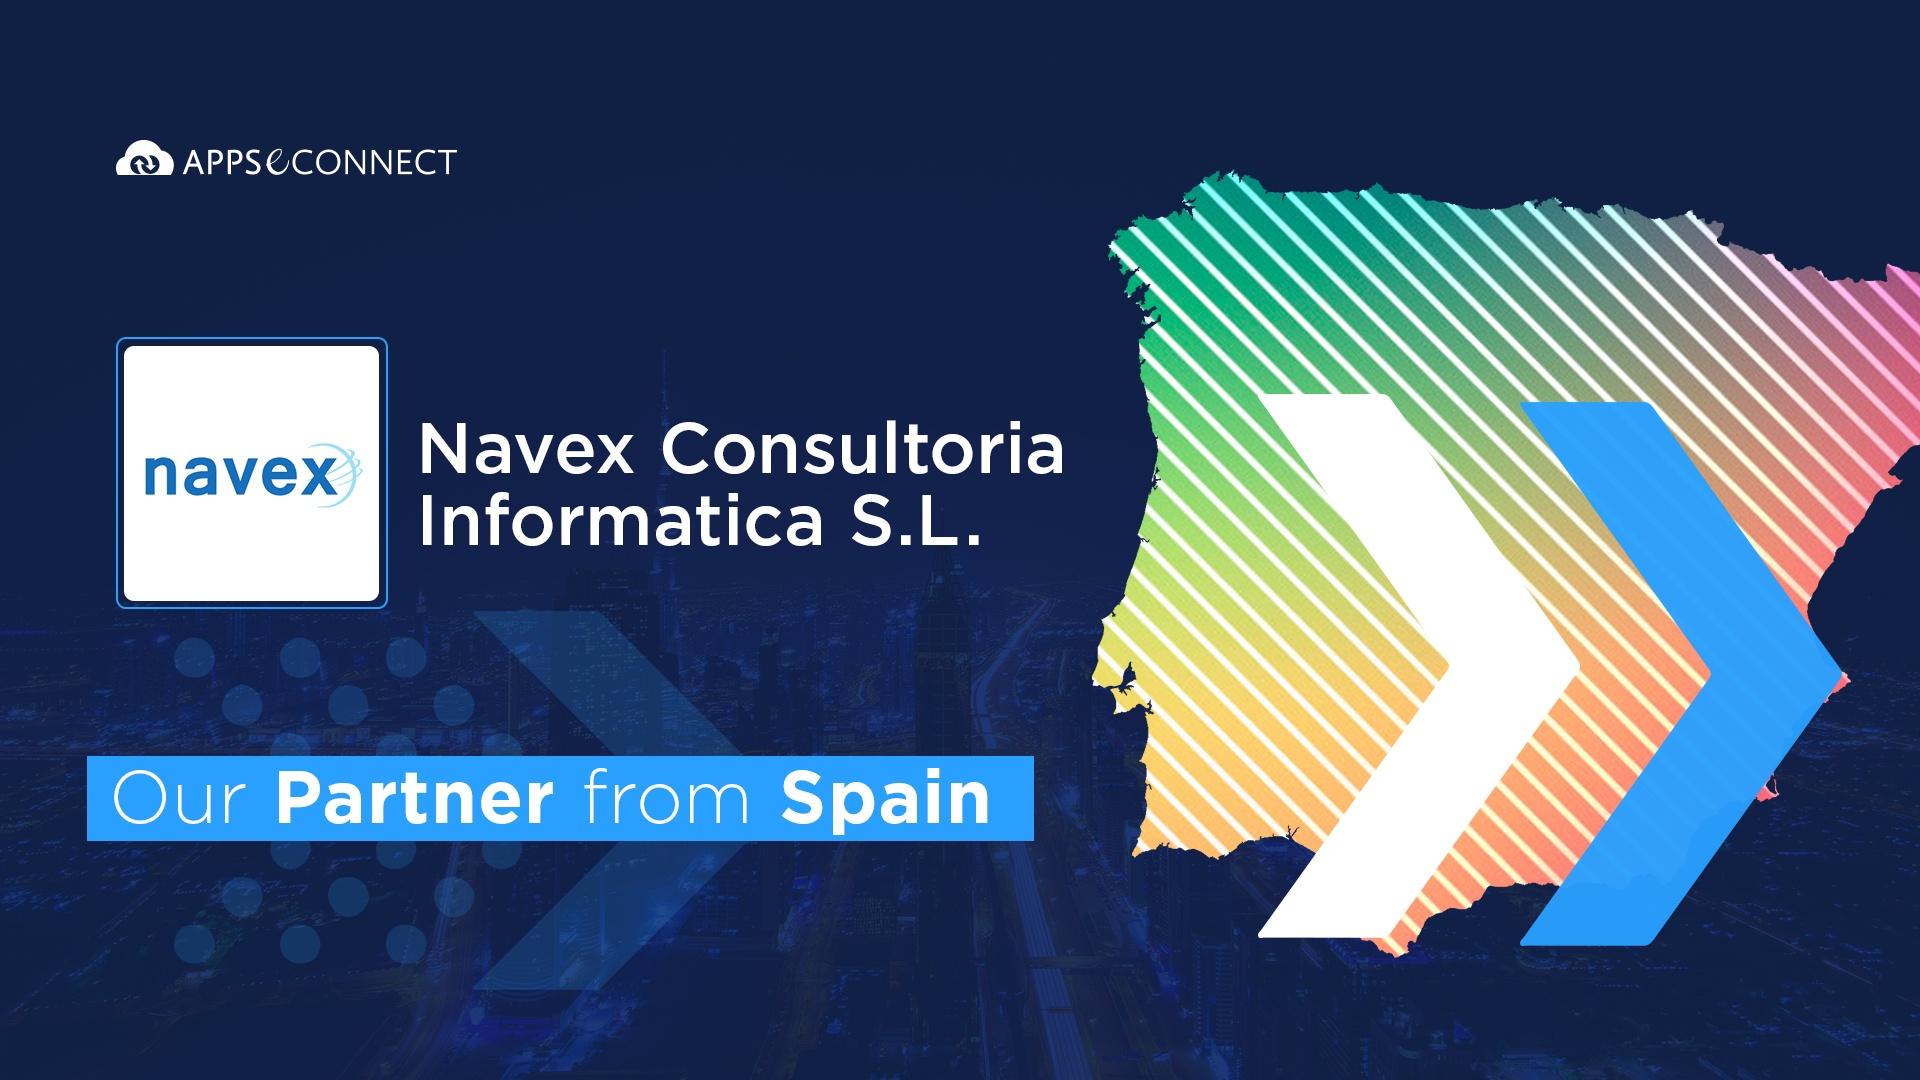 Navex Consultoria Informatica S.L.-Partner-social-post